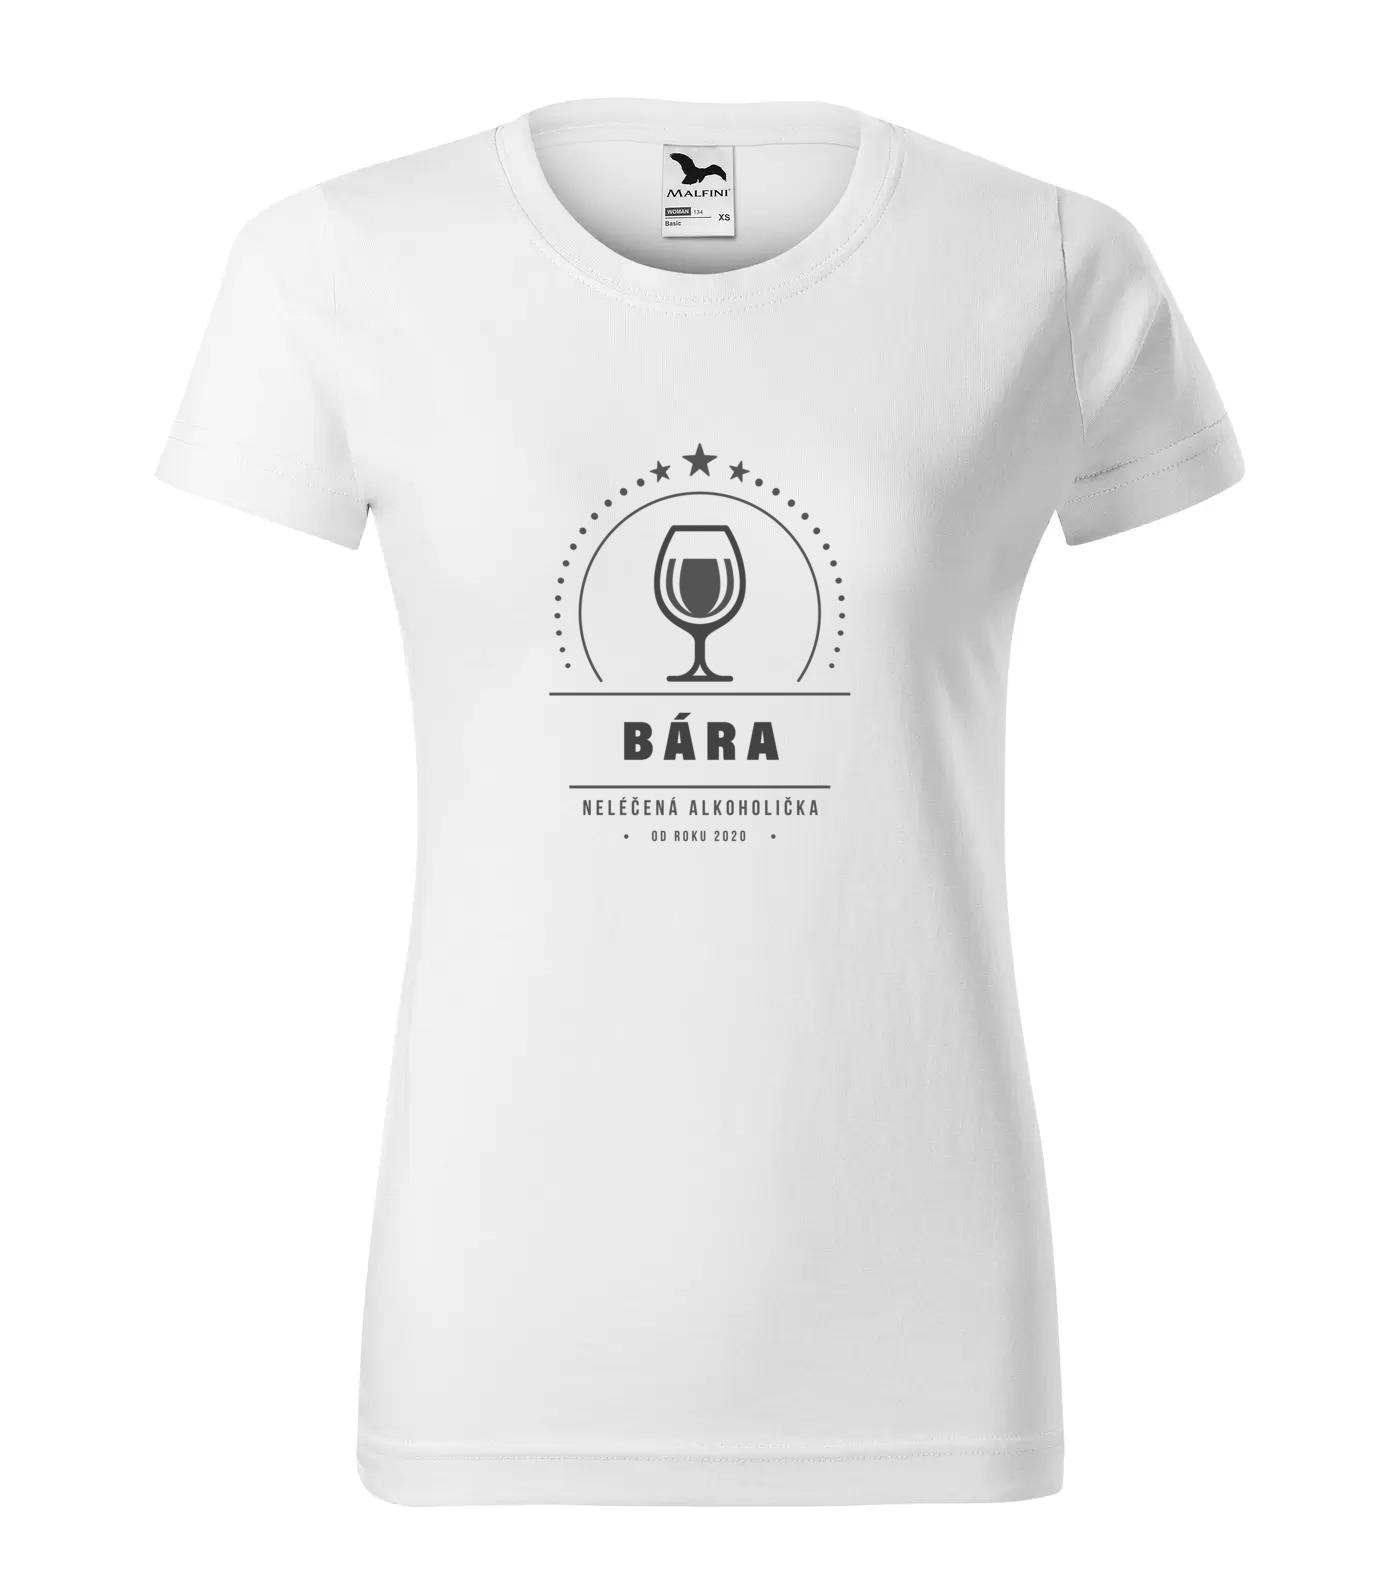 Tričko Alkoholička Bára